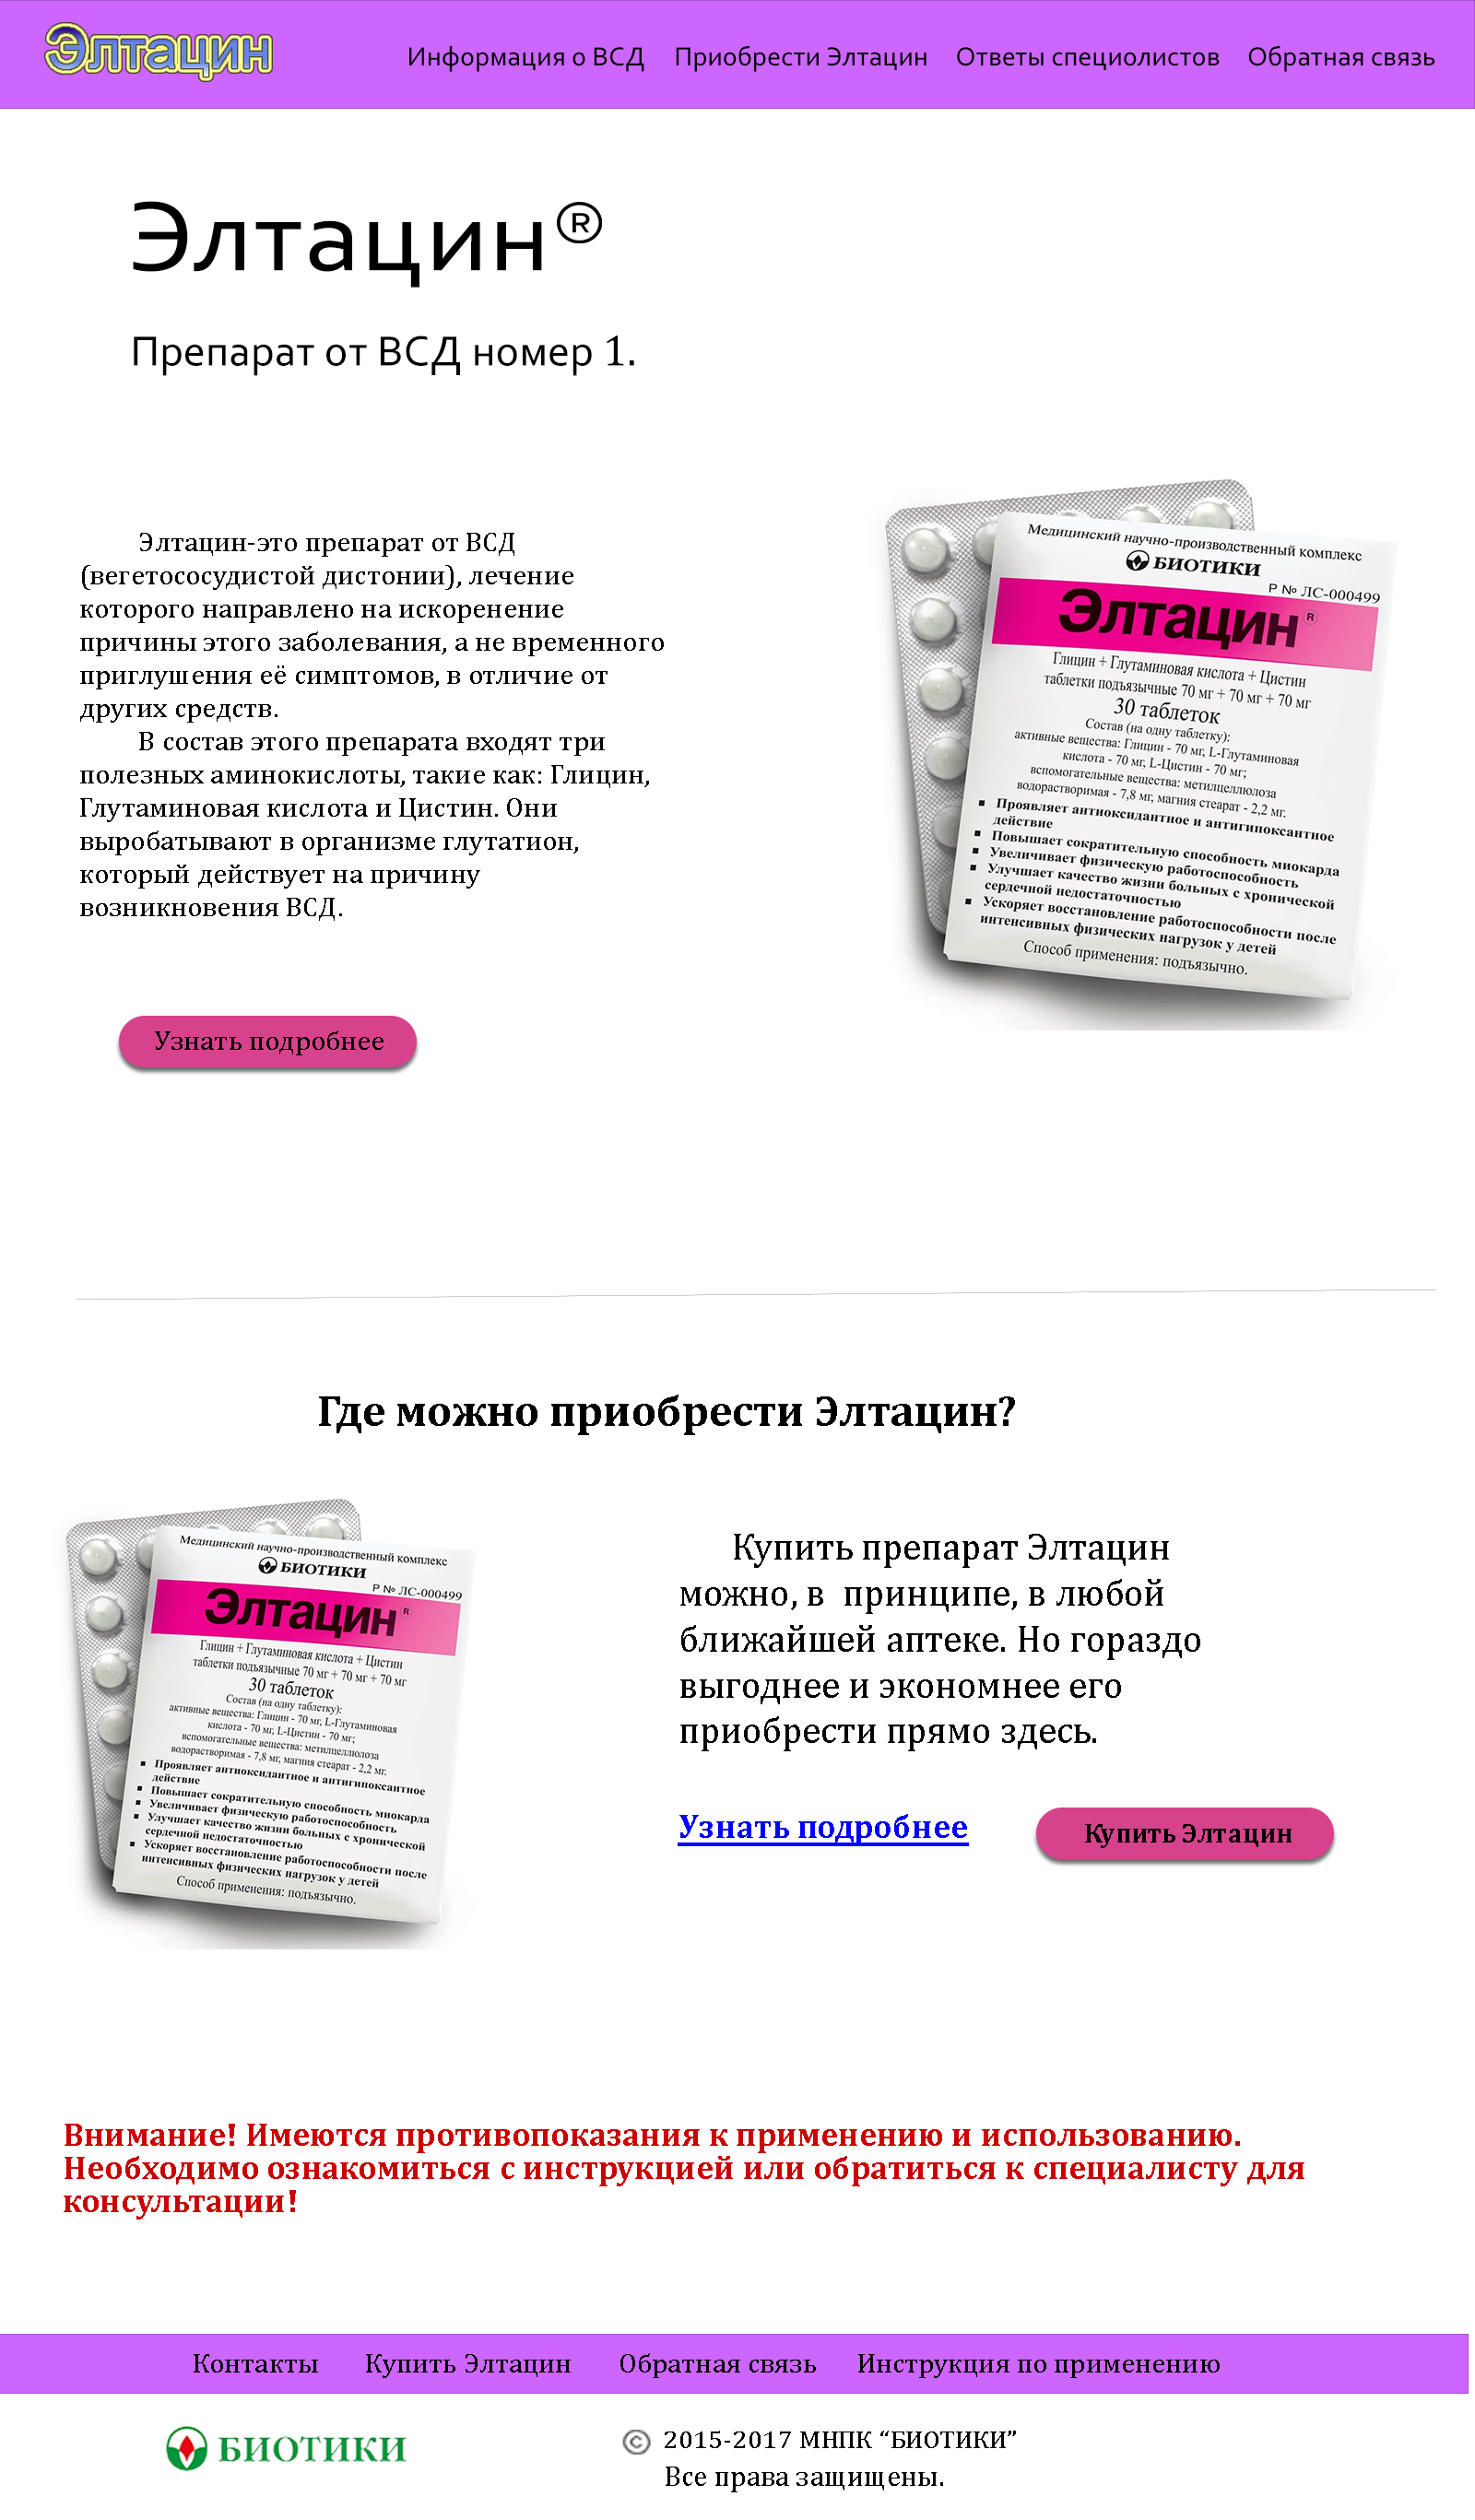 Дизайн главной страницы сайта лекарственного препарата фото f_5405c88a8054d7cc.png